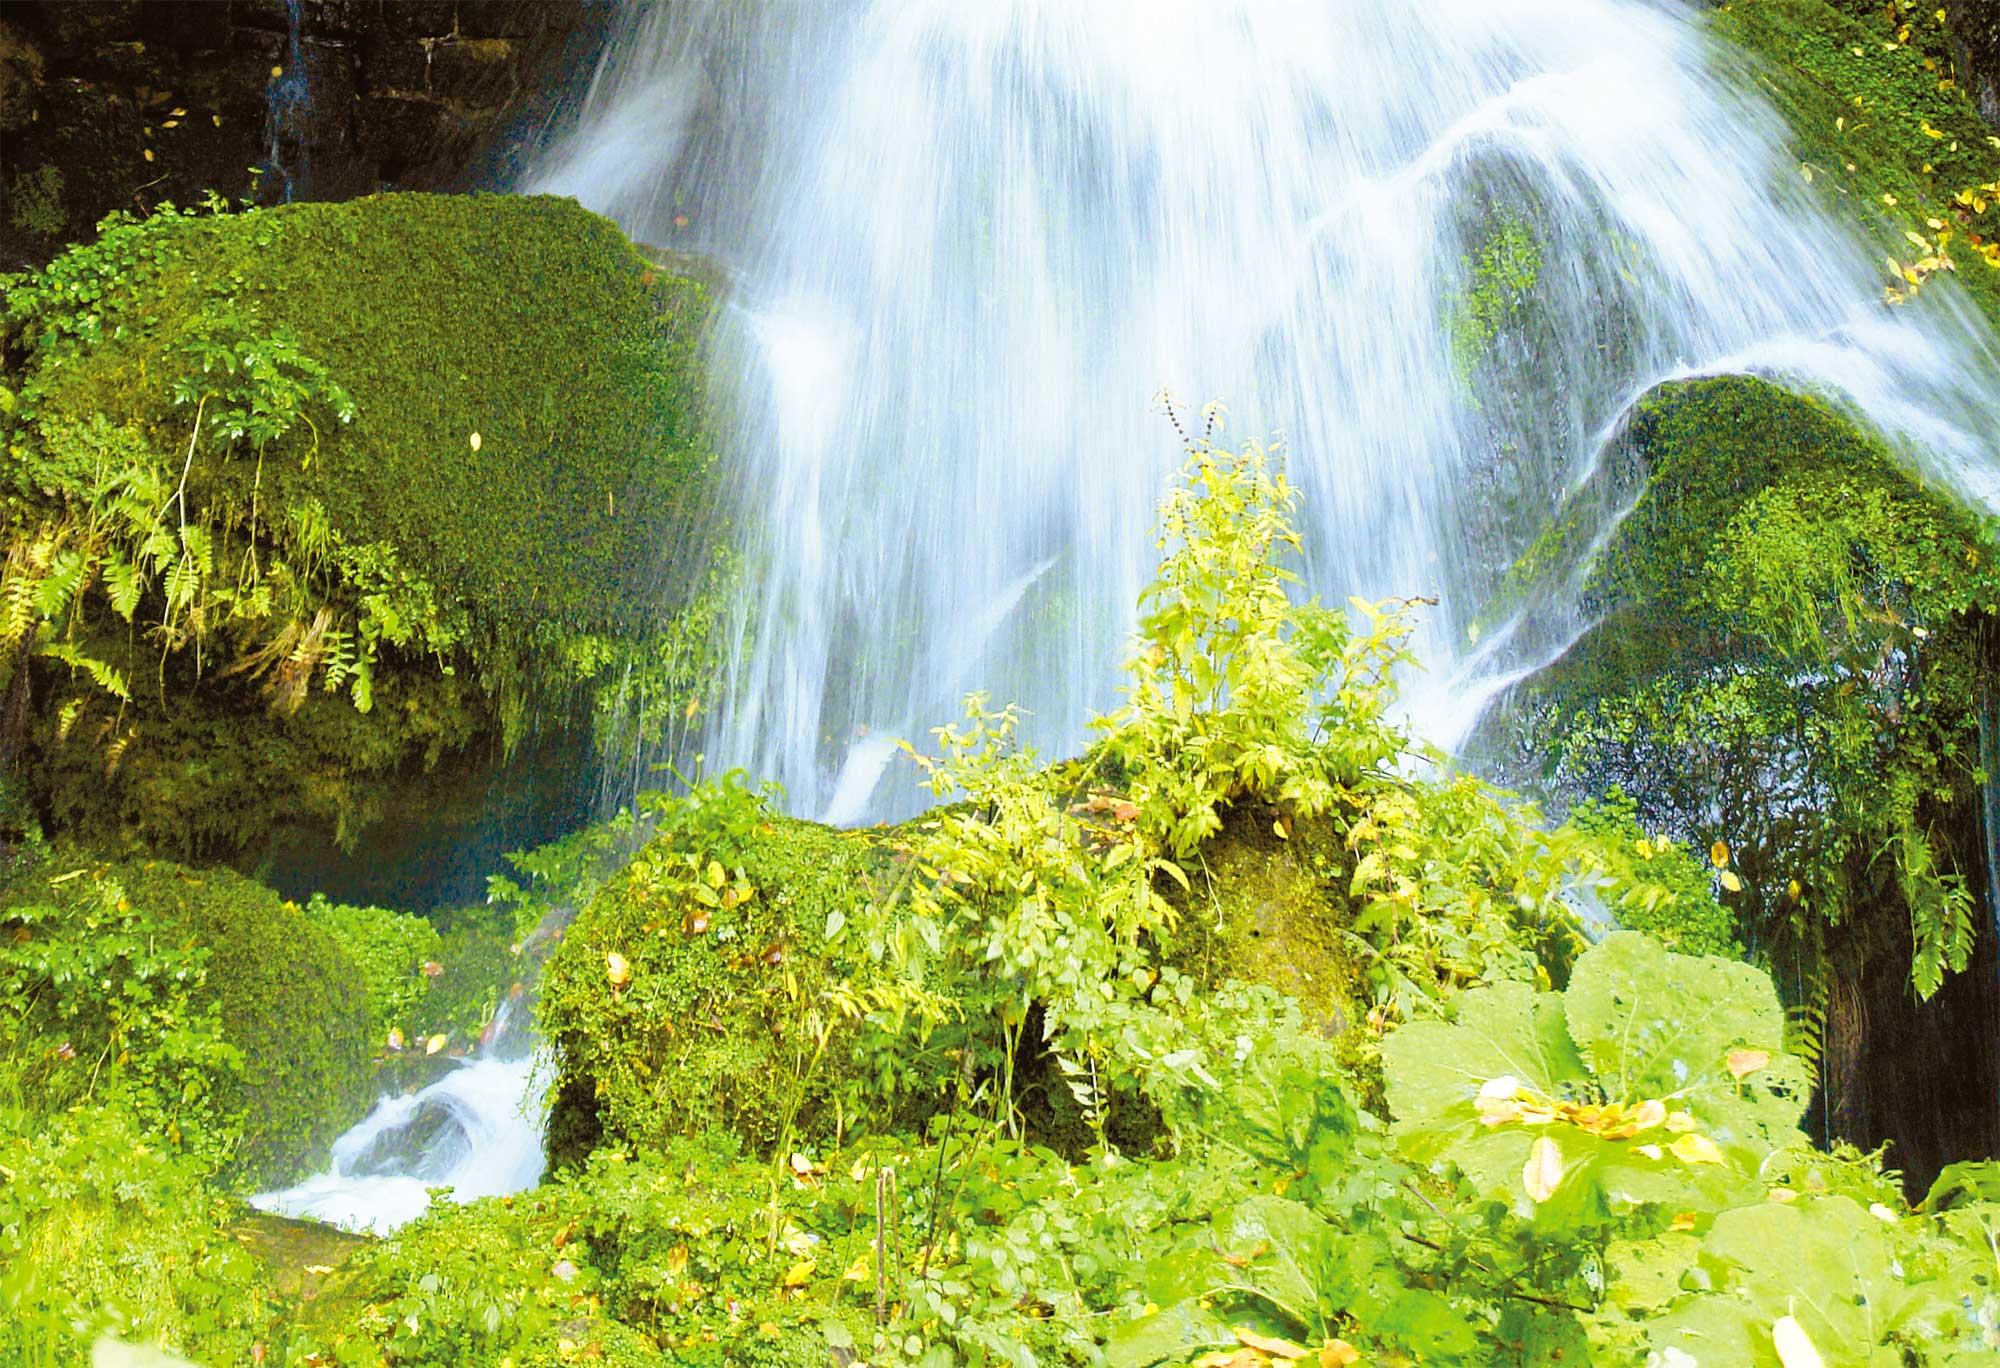 Wasserfall im frischen Grün